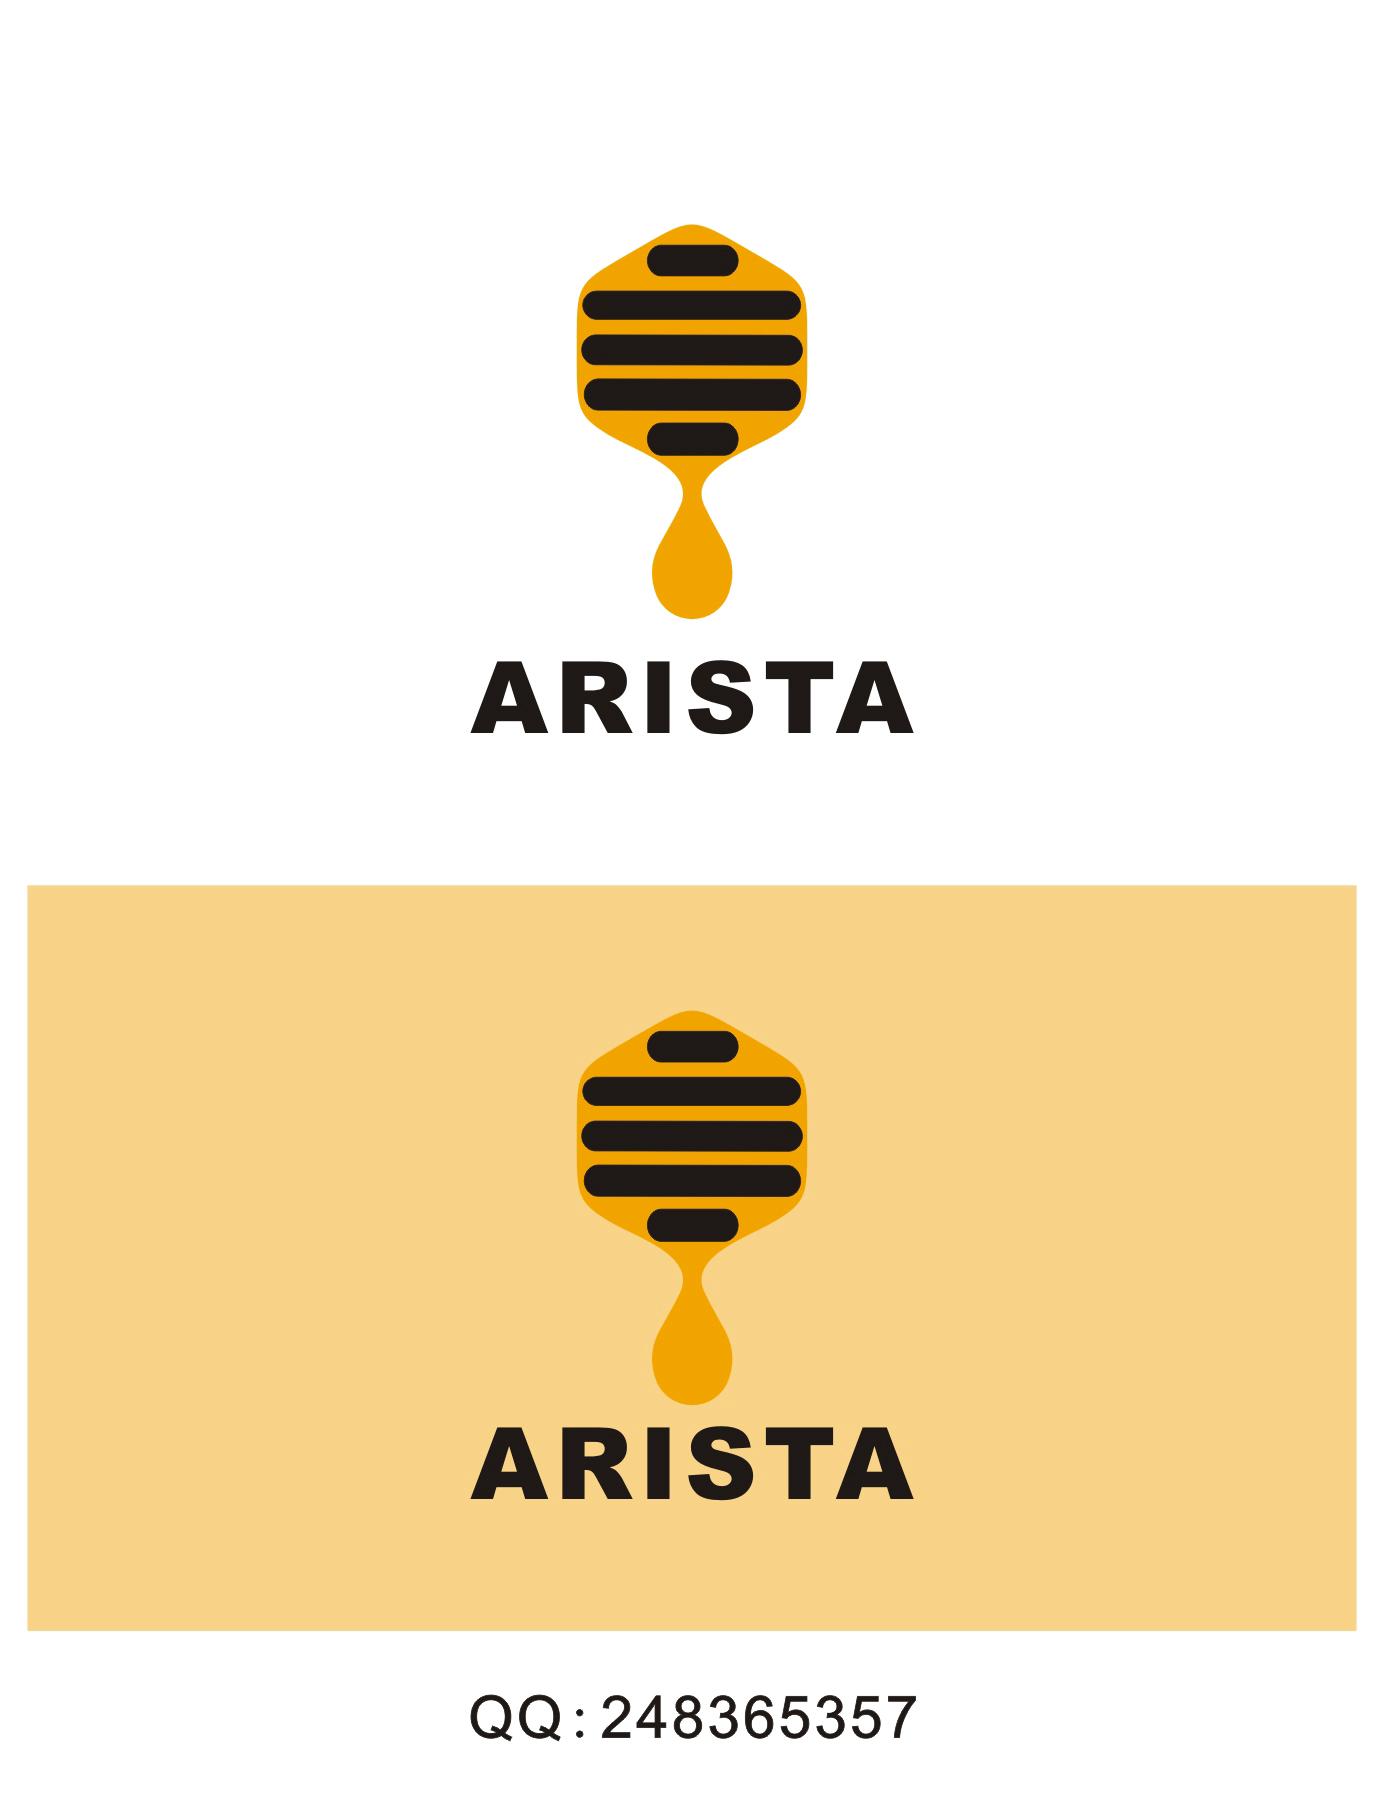 蜂蜜logo设计_3025550_k68威客网